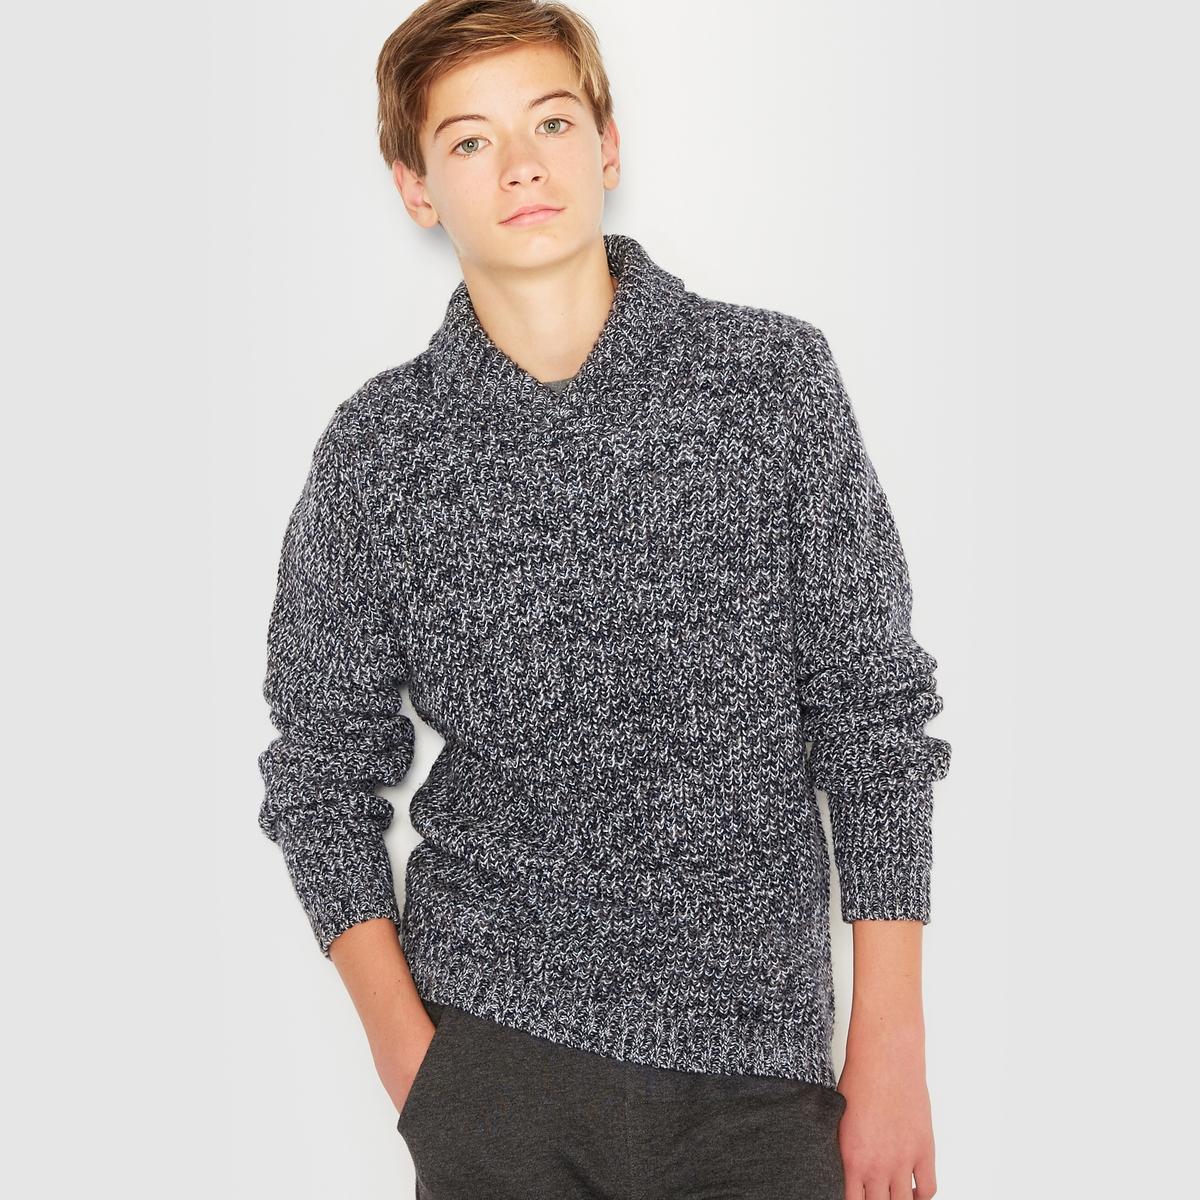 Пуловер утепленный оригинальной вязки с шалевым воротником, 10-16 лет